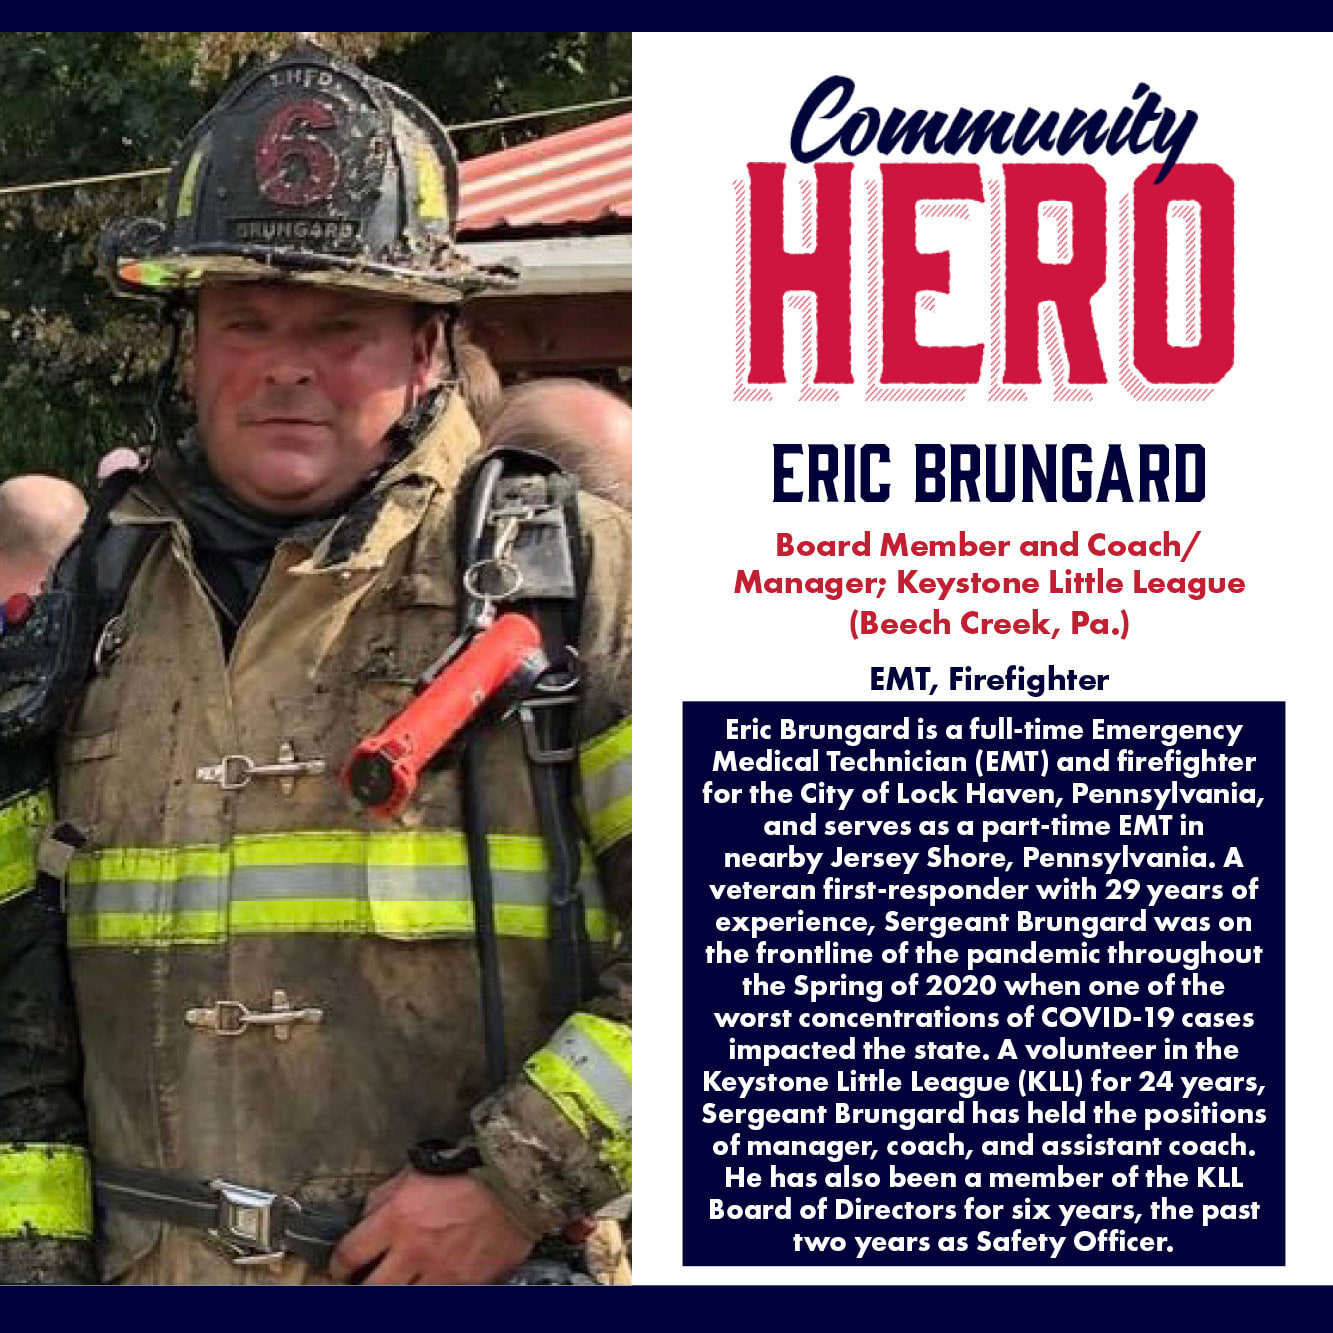 Eric Brungard Community Hero